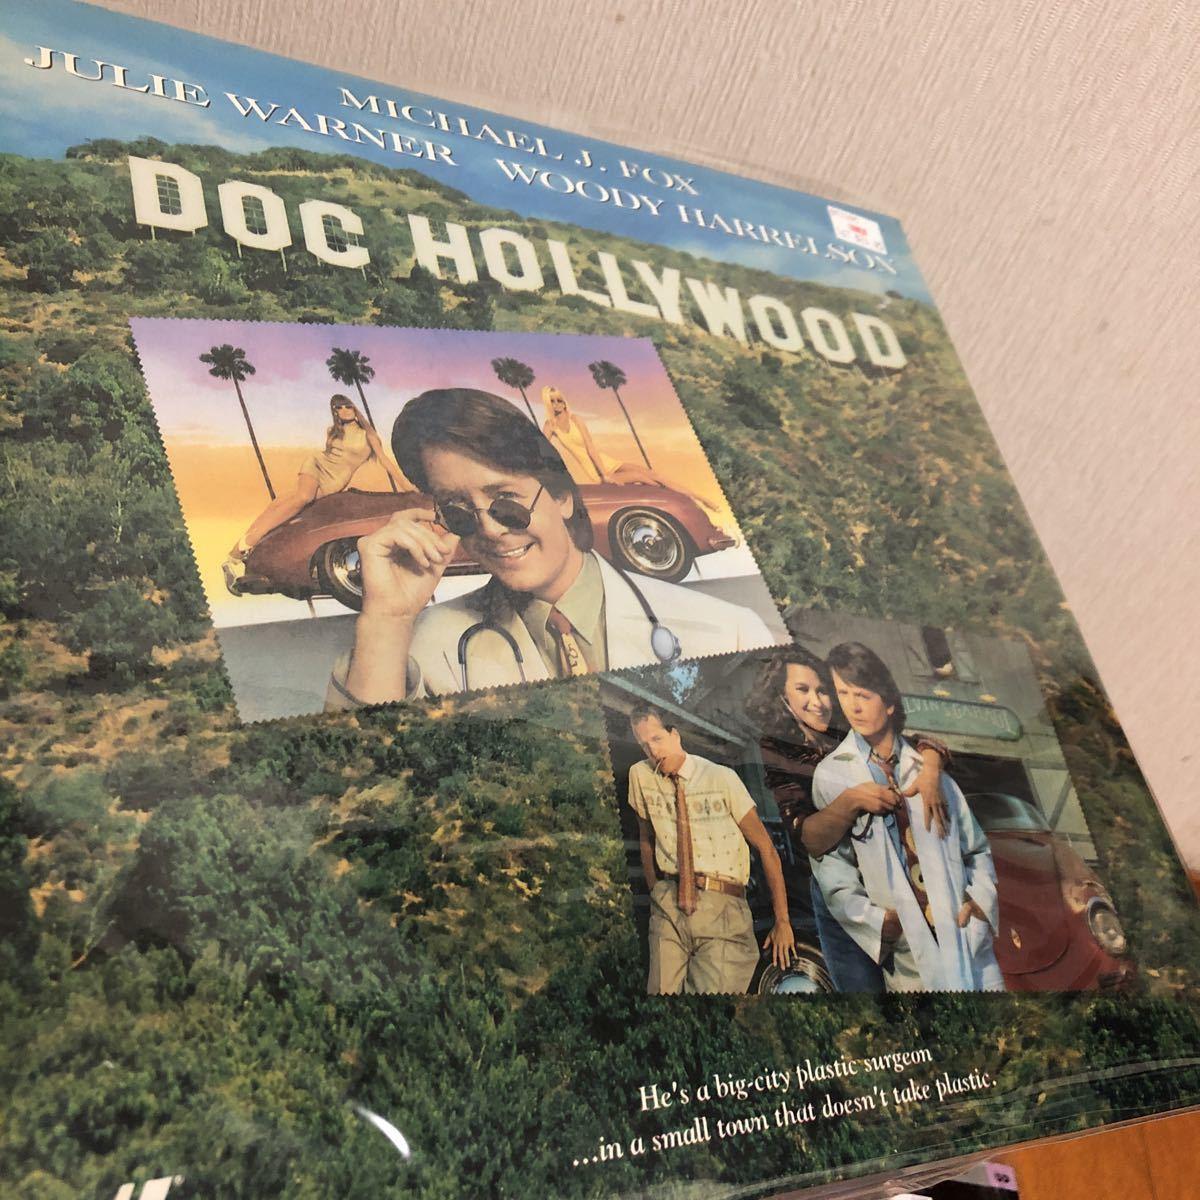 【新品】マイケル・J・フォックス Michael J. Fox 主演映画 LDレーザーディスク 4枚セット 洋画 輸入盤 ハード・ウェイ バラ色の選択 他_画像6